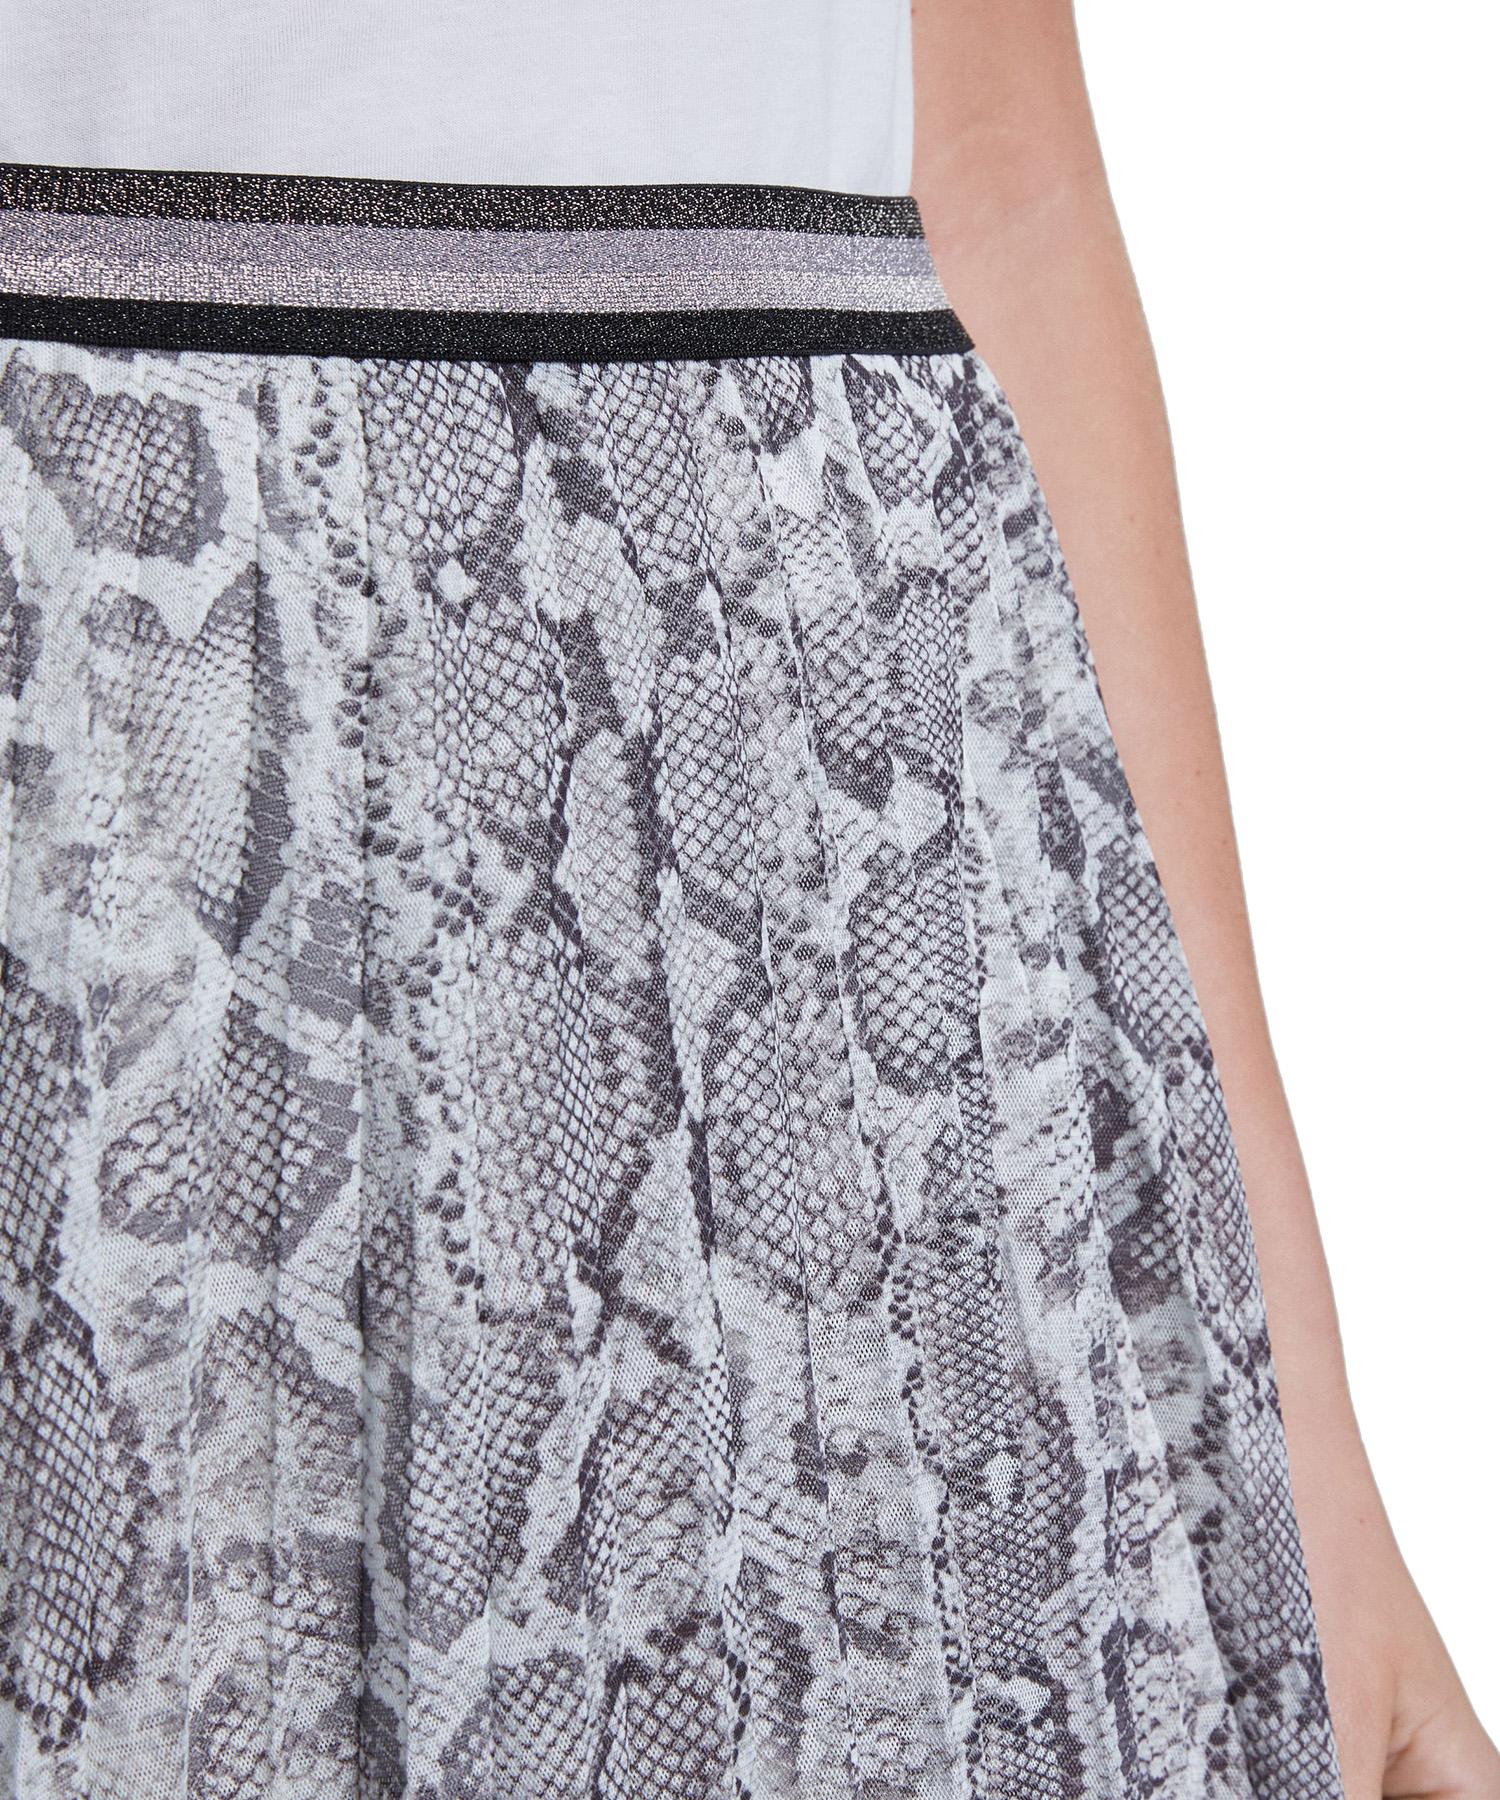 Oui mesh plissé rok snake